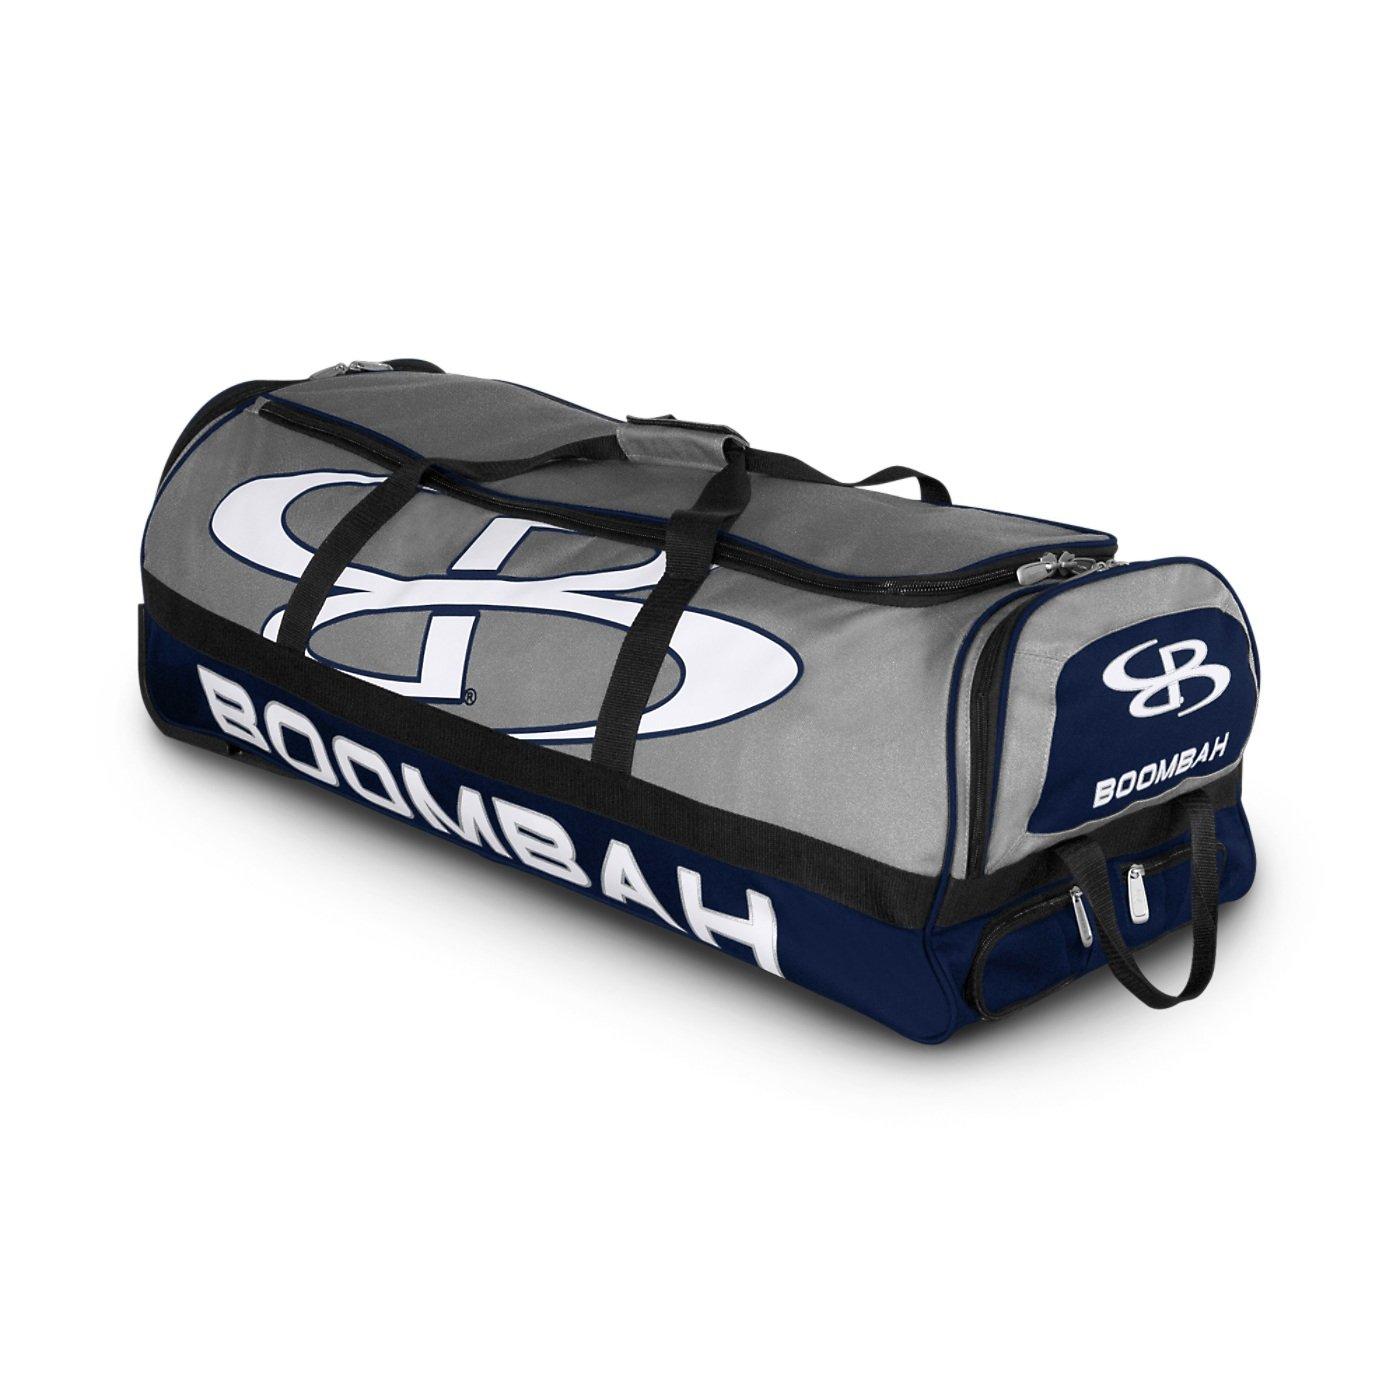 (ブームバー) Boombah Bruteシリーズ キャスター付きバットケース 野球ソフトボール用 35×15×12–1/2インチ 49色展開 4本のバットと用具を収納可能 B01NBE9RU1 グレー/ネイビー グレー/ネイビー